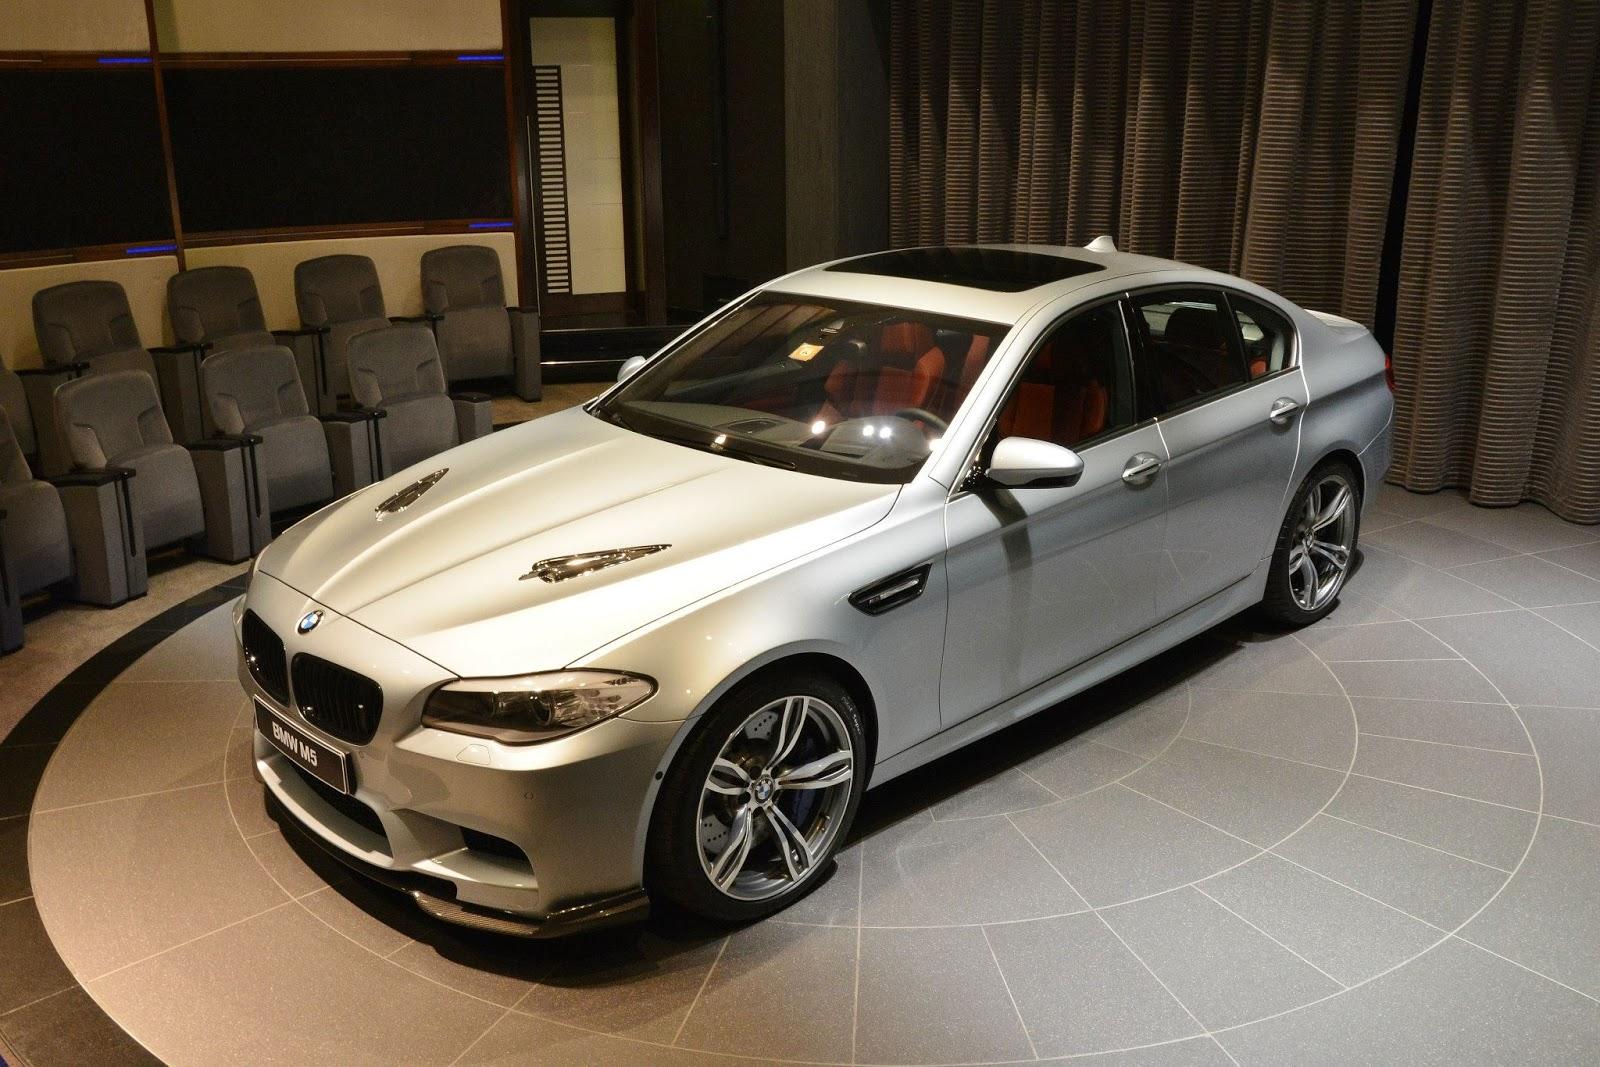 BMW Abu Dhabis Customized M5 M4 Cabrio and X5 50i